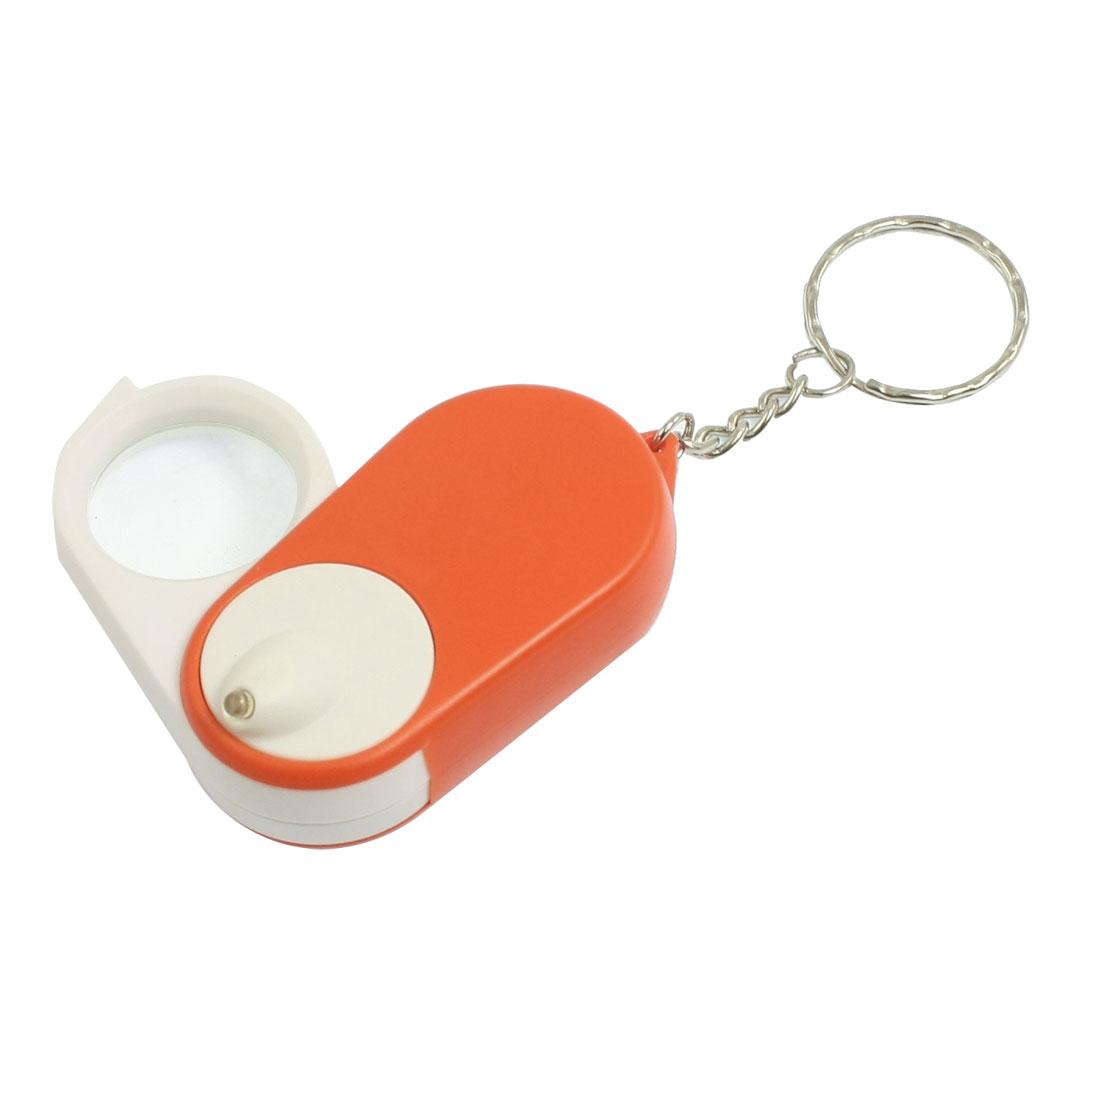 Orange White Shell Illuminant LED Light 4X Magnifying Glass w Keychain